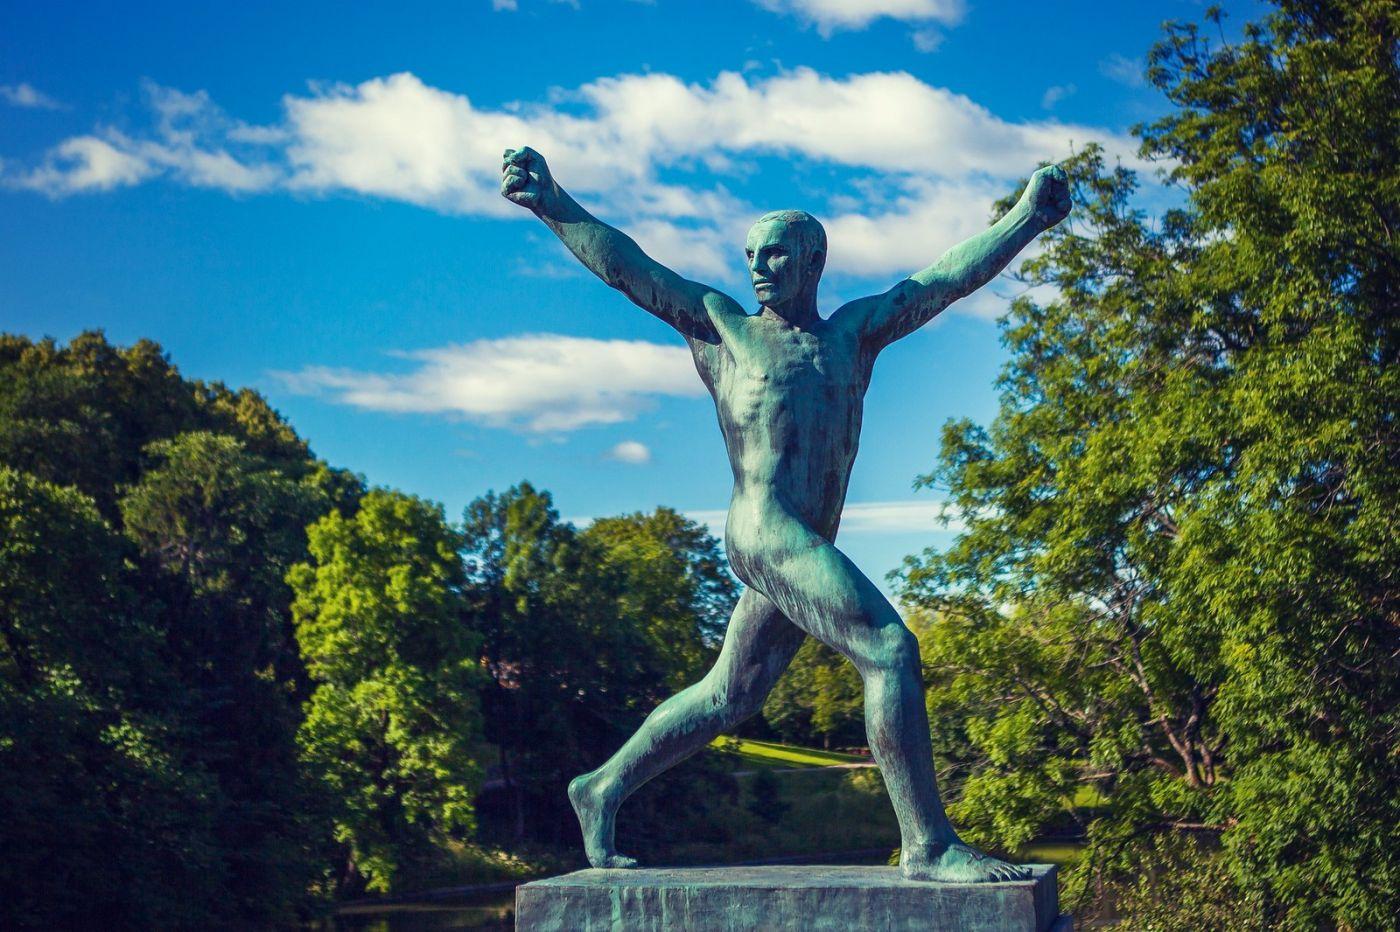 挪威维格兰雕塑公园,风格明显_图1-23